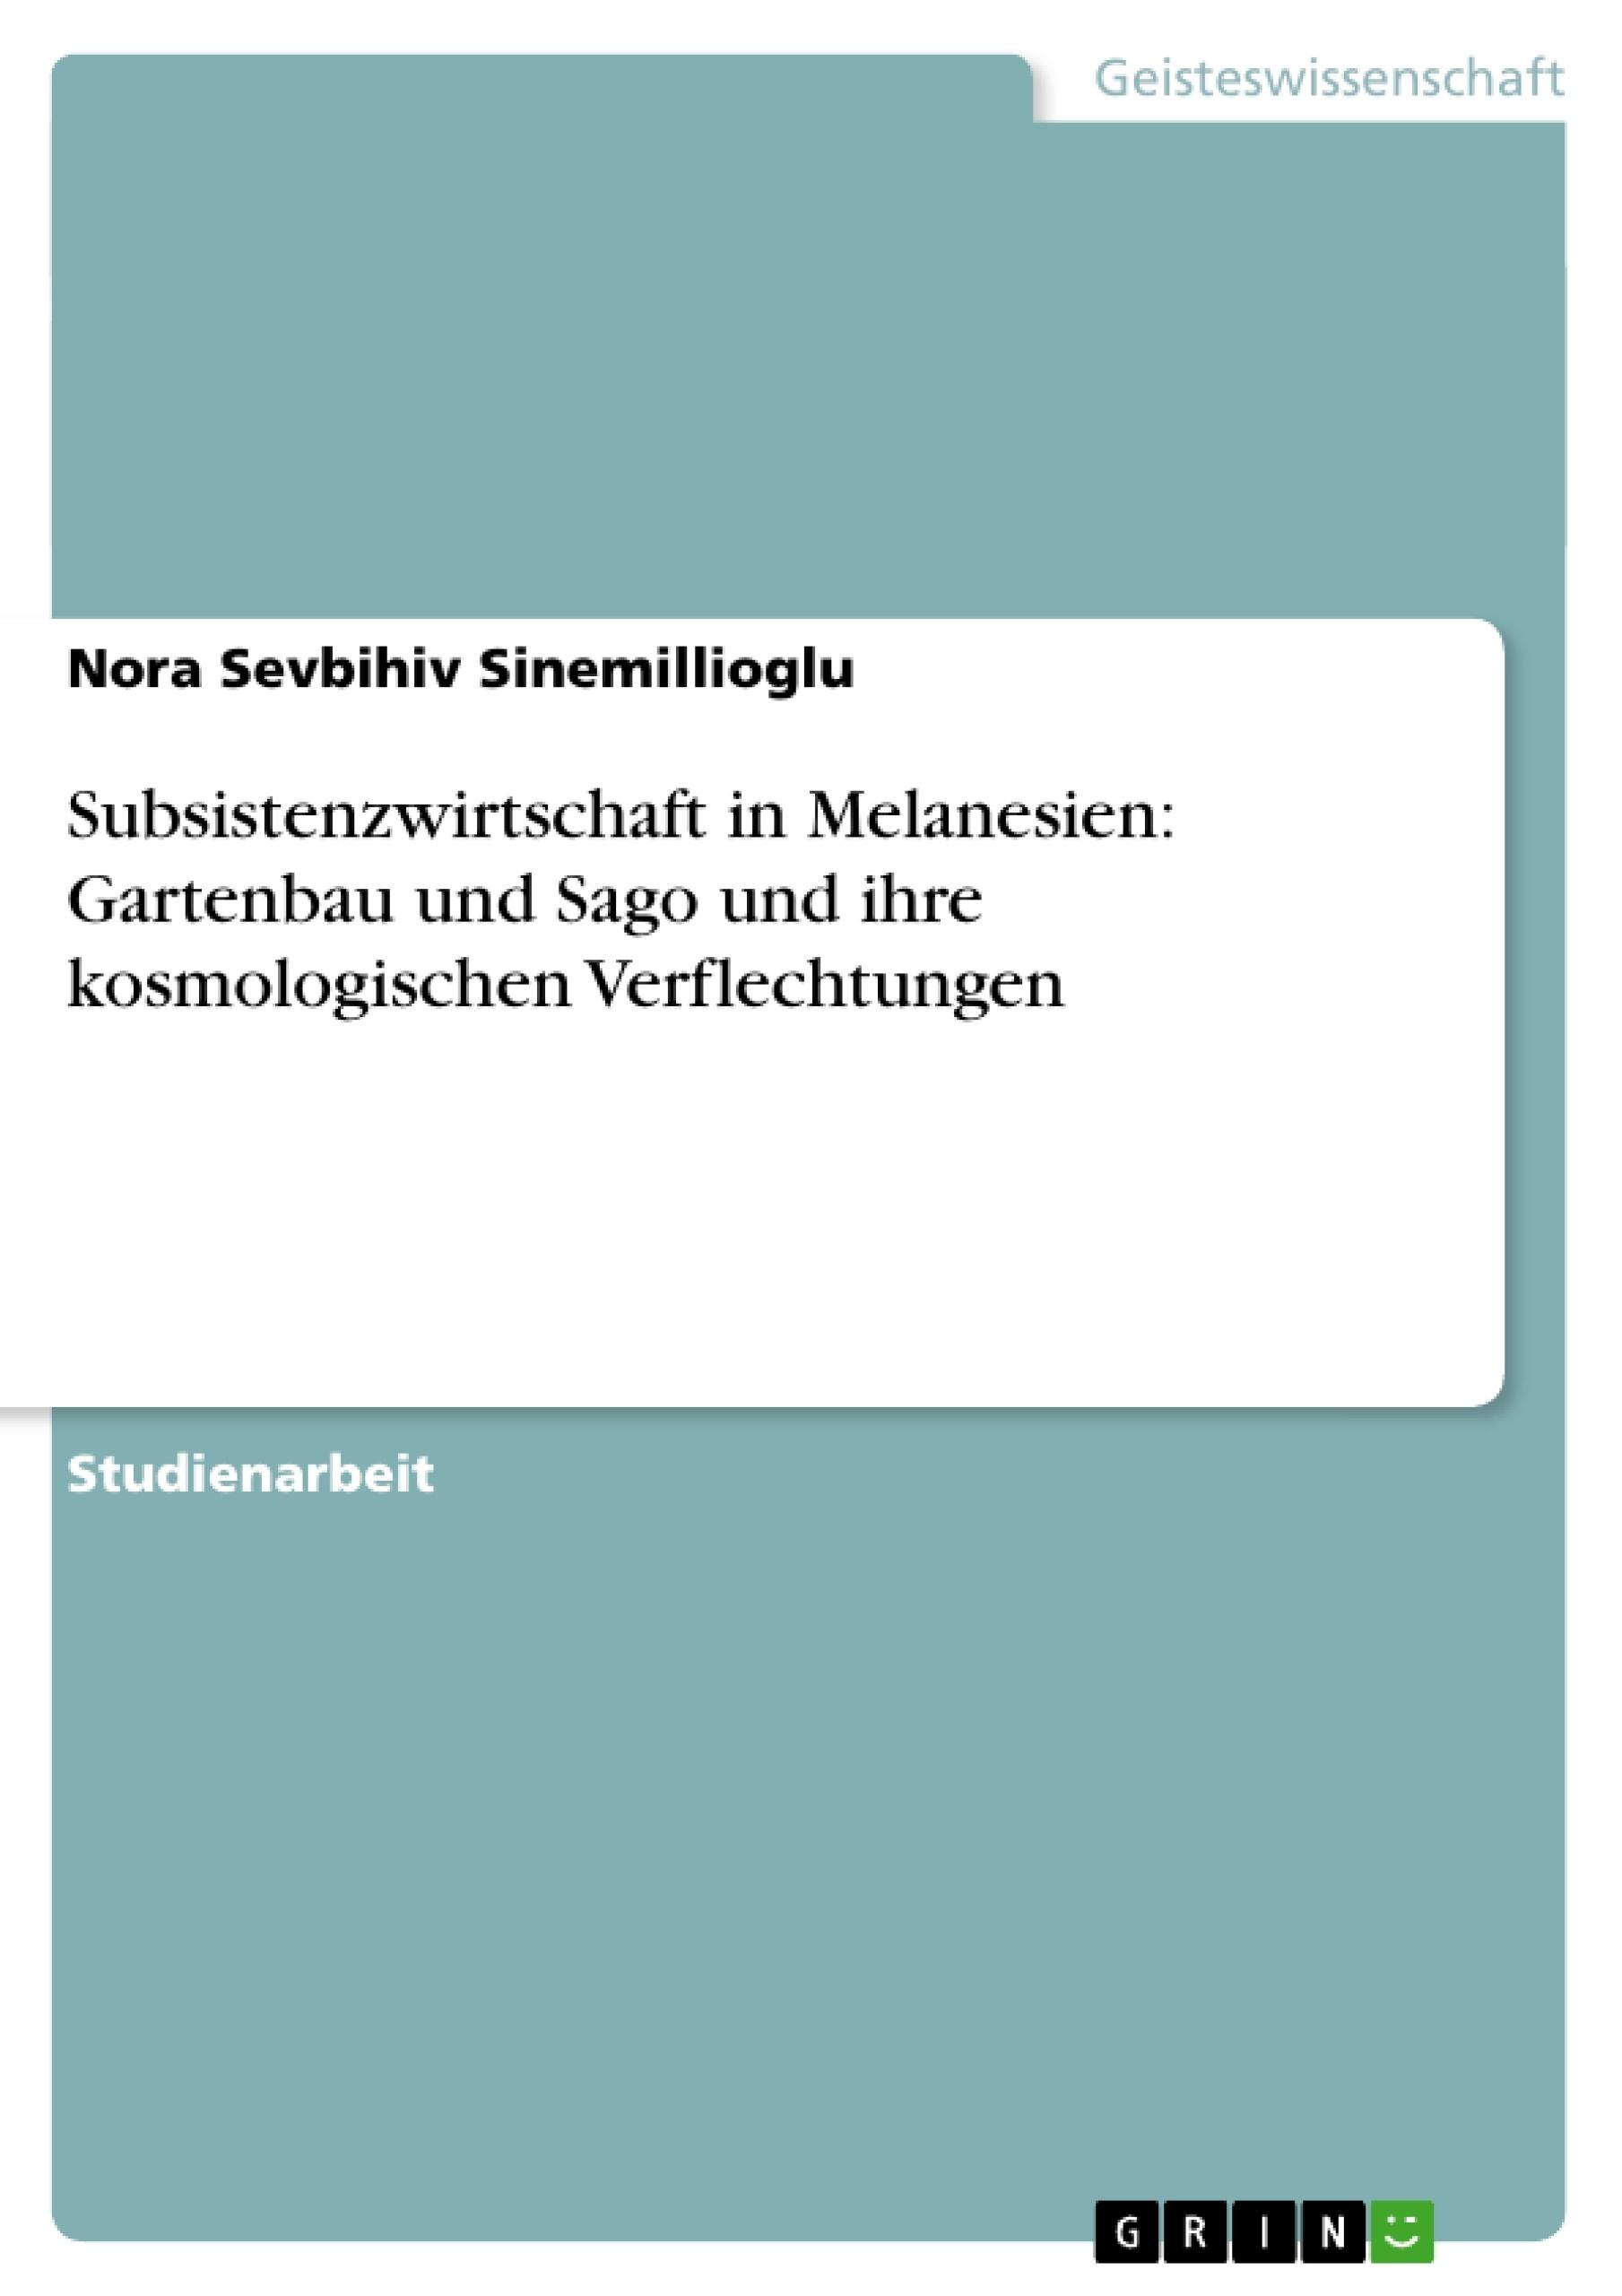 Titel: Subsistenzwirtschaft in Melanesien: Gartenbau und Sago und ihre kosmologischen Verflechtungen